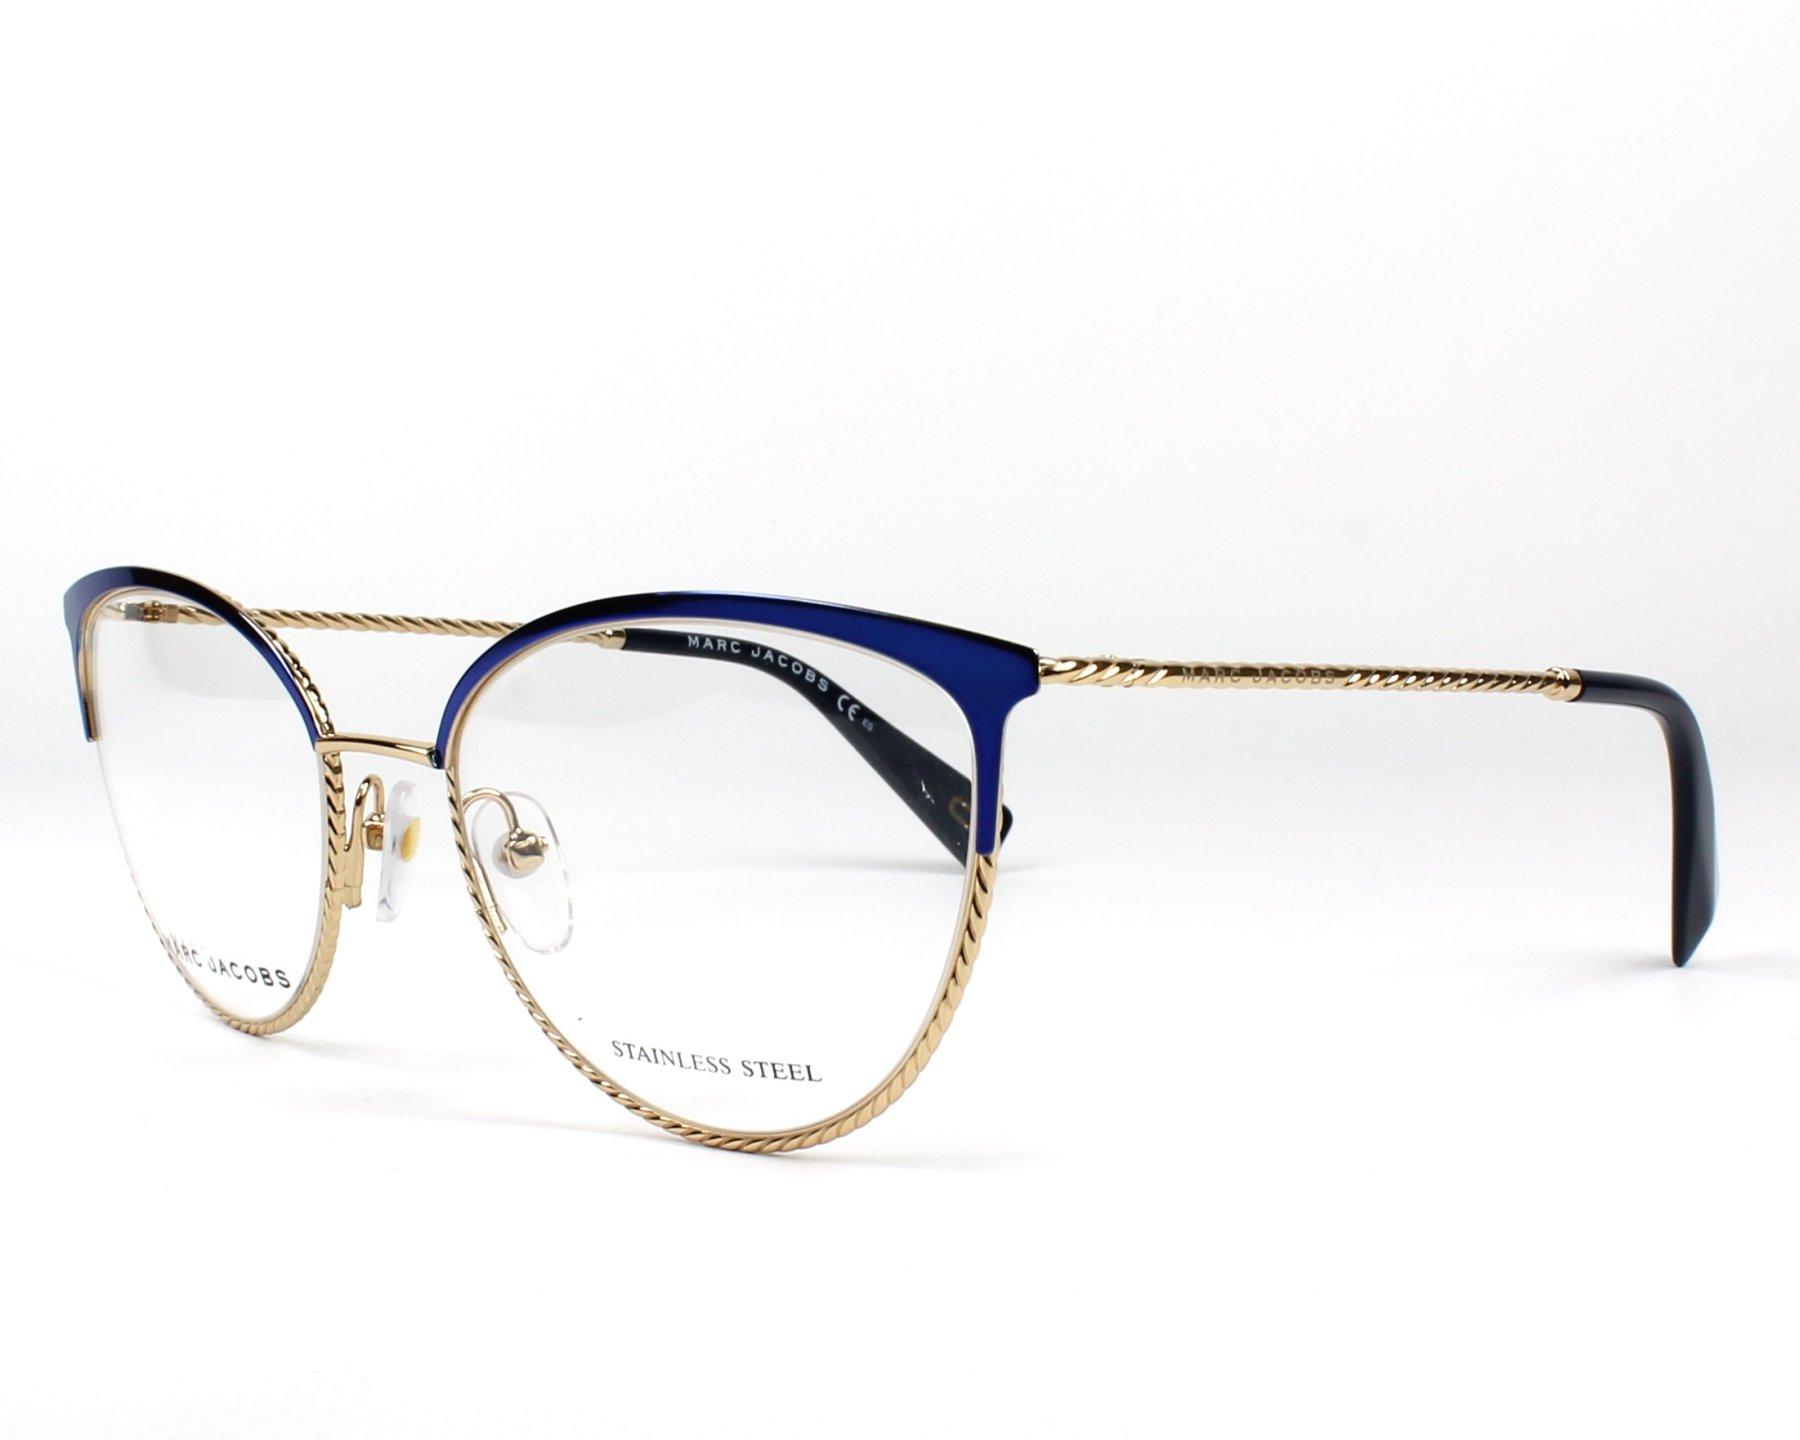 793e9b49d6c59 Gafas Graduadas Marc Jacobs MARC-256 PJP 53-18 Azul Oro vista de perfil